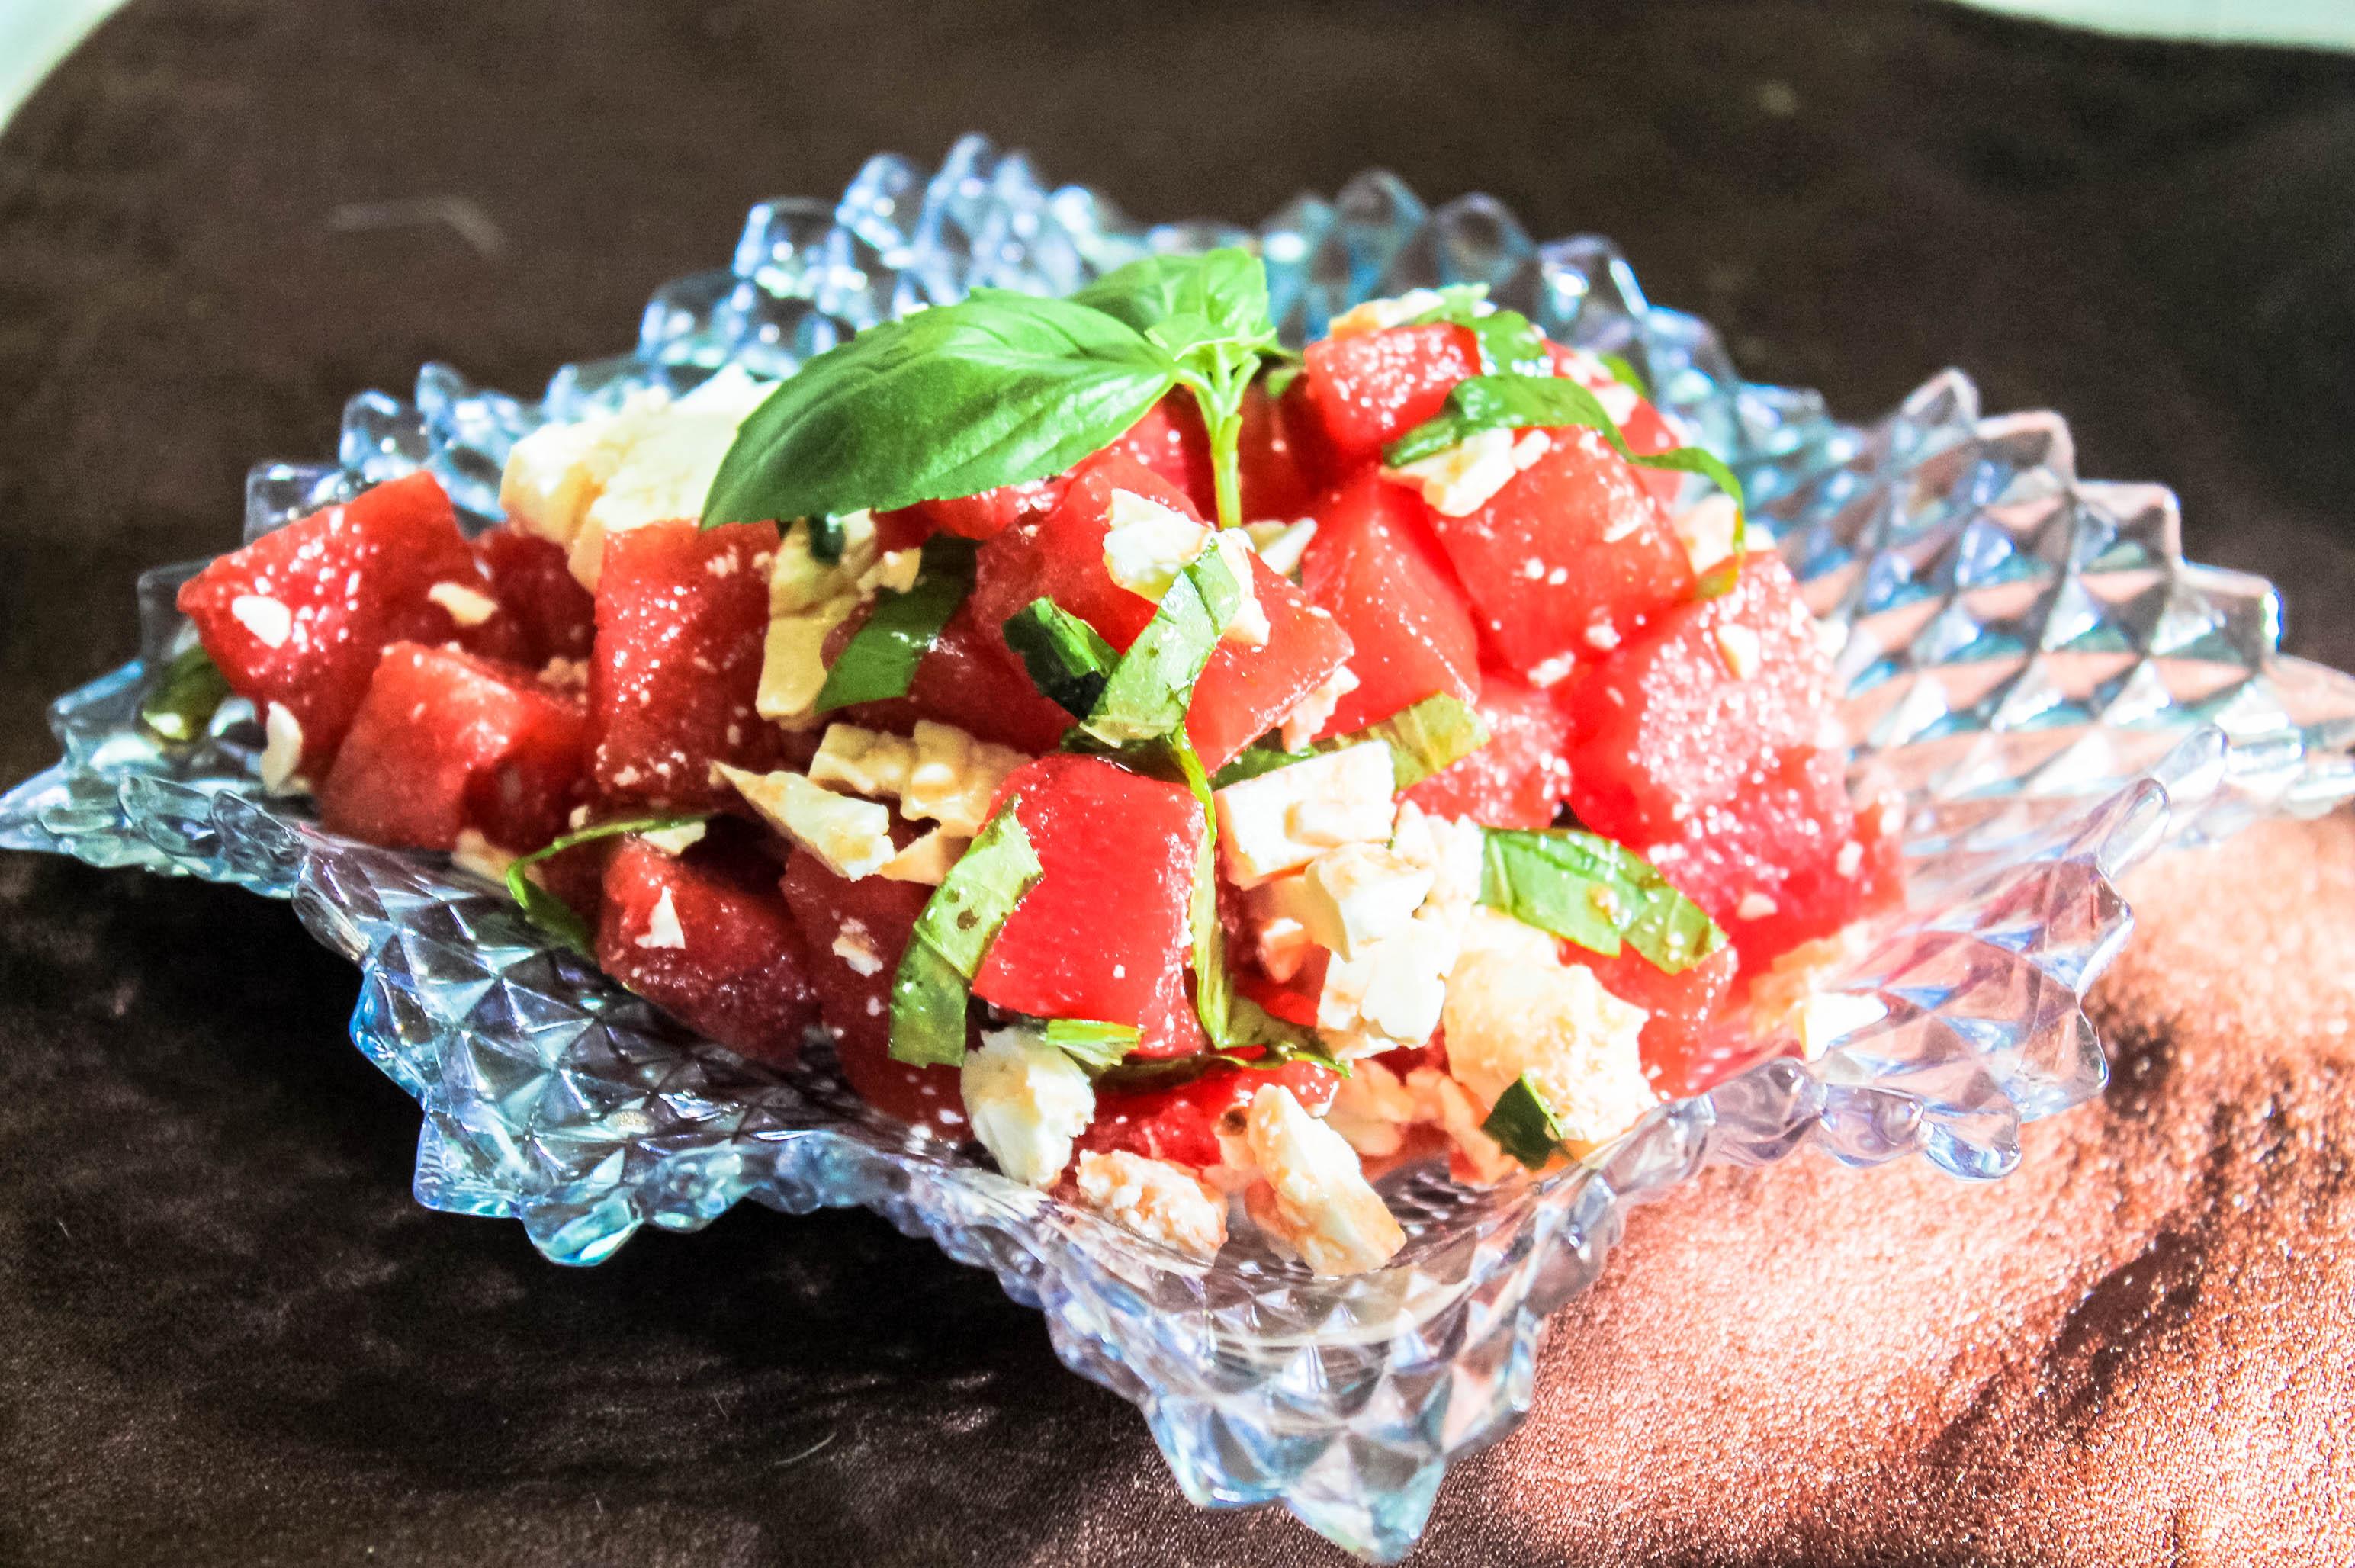 Basil & Feta Cheese Watermelon Salad